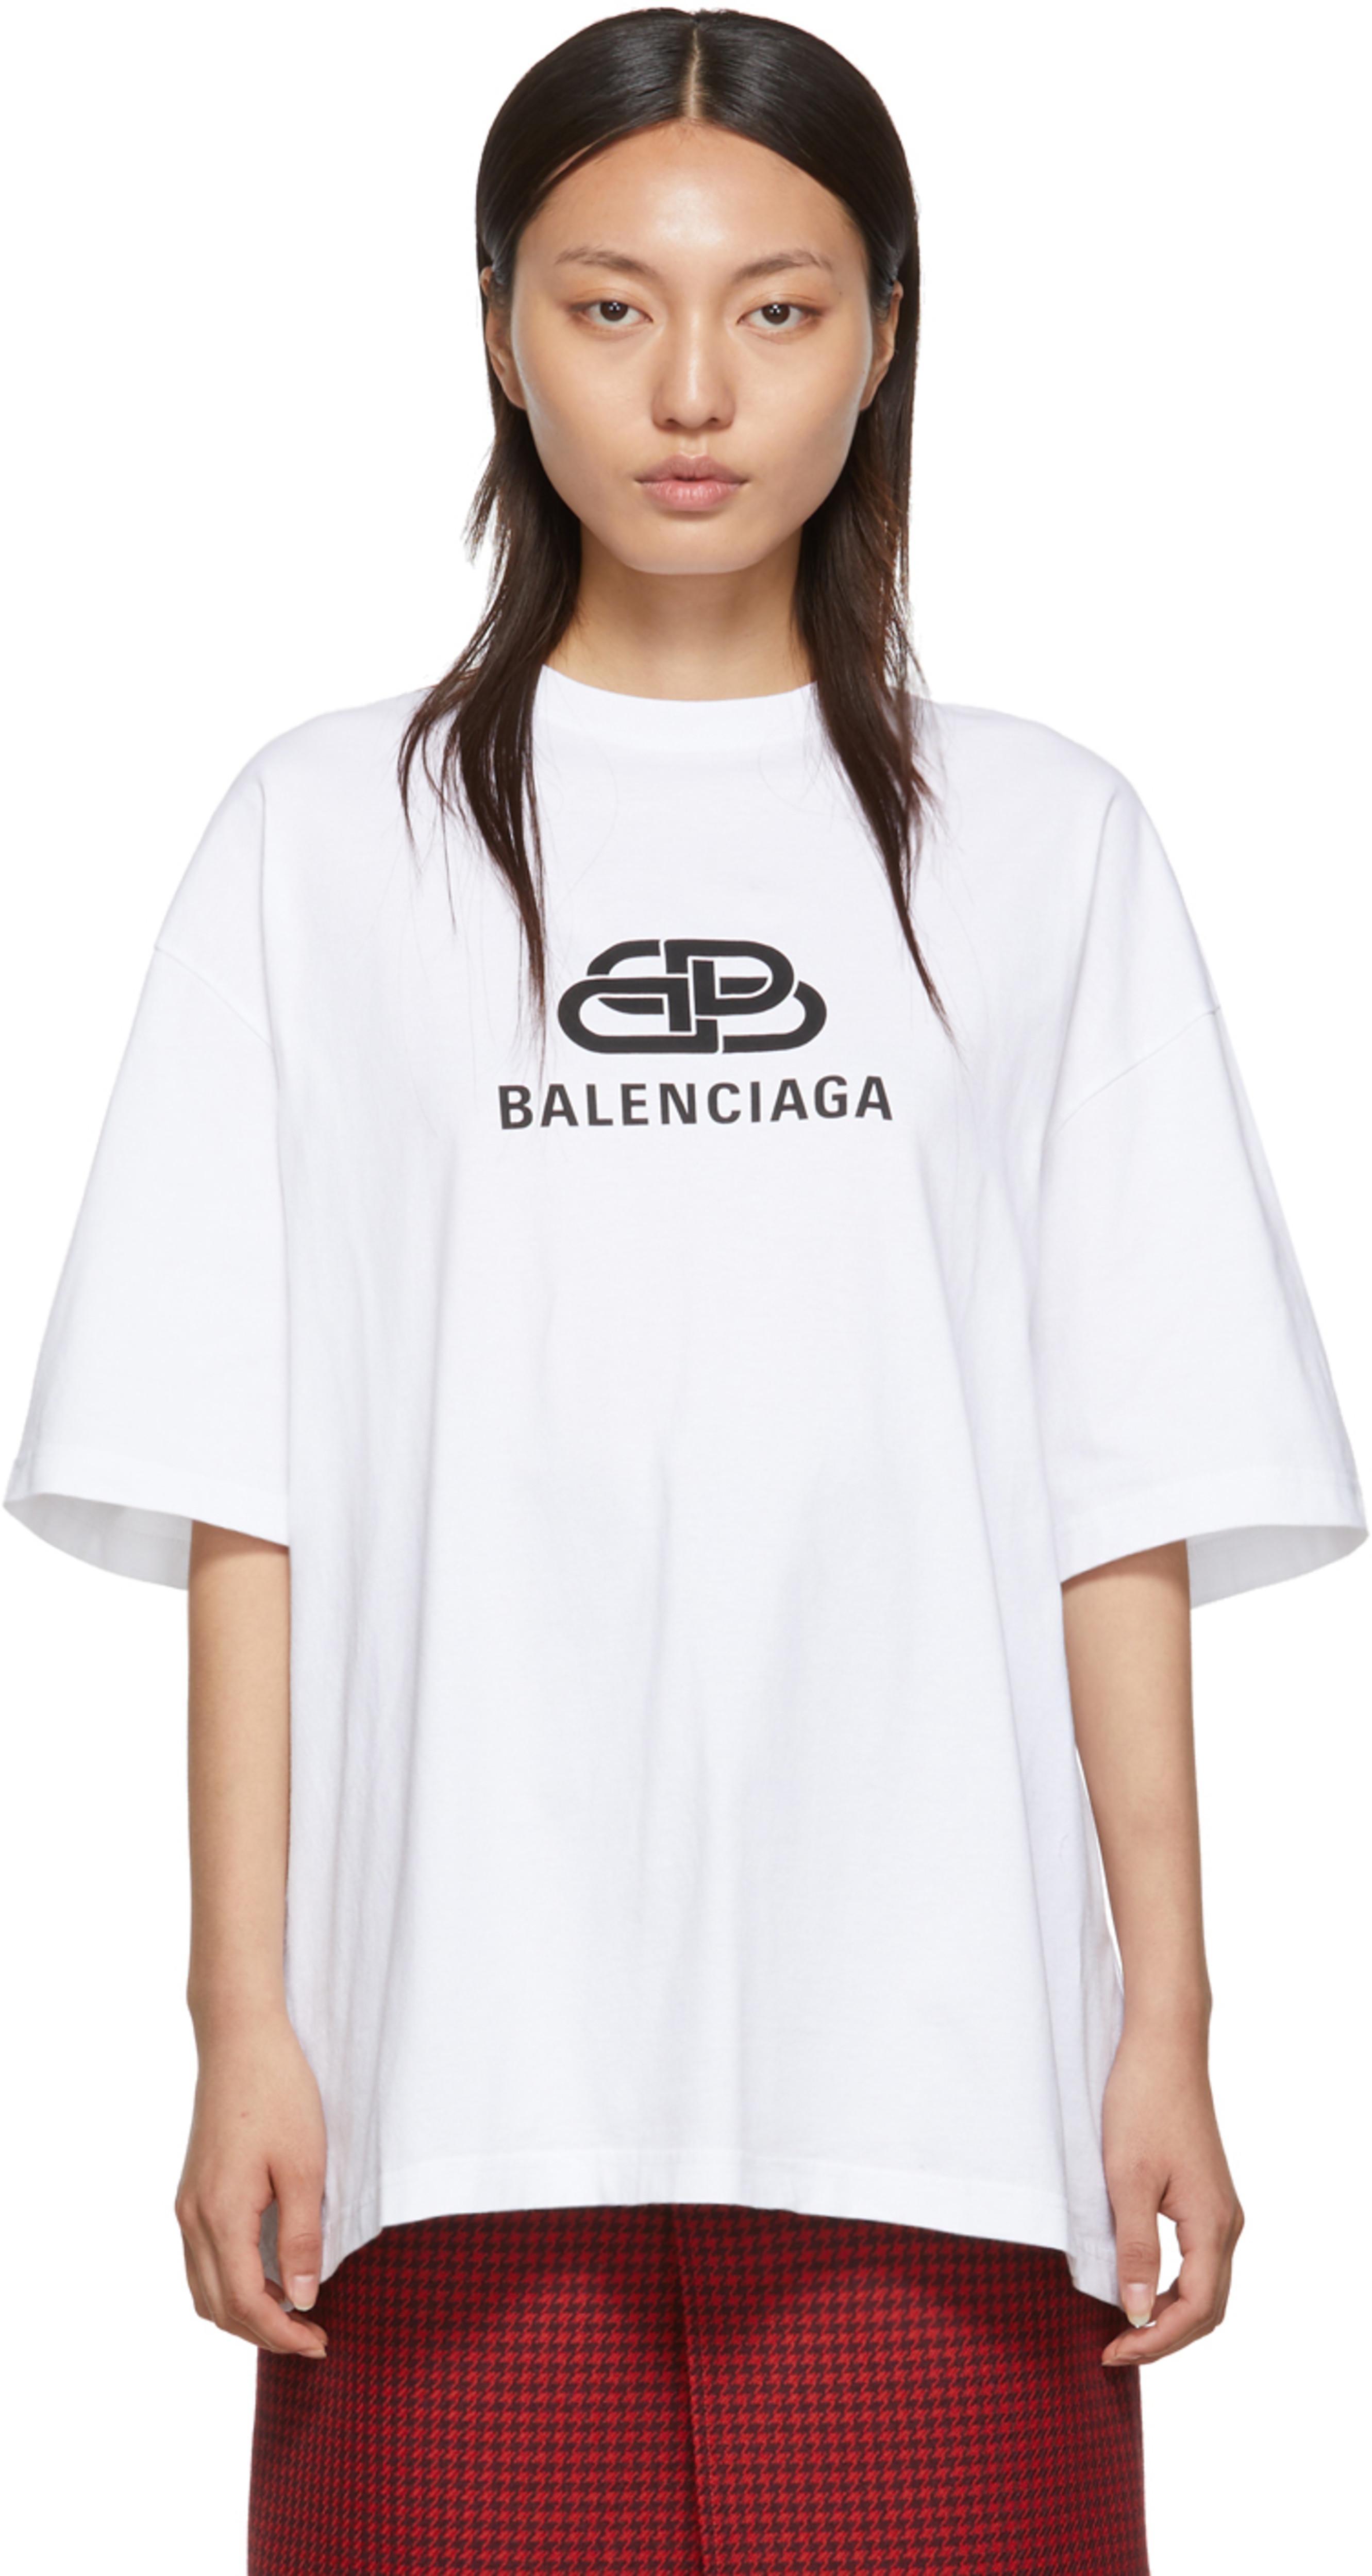 9f81ede46c5 Balenciaga for Women FW19 Collection | SSENSE